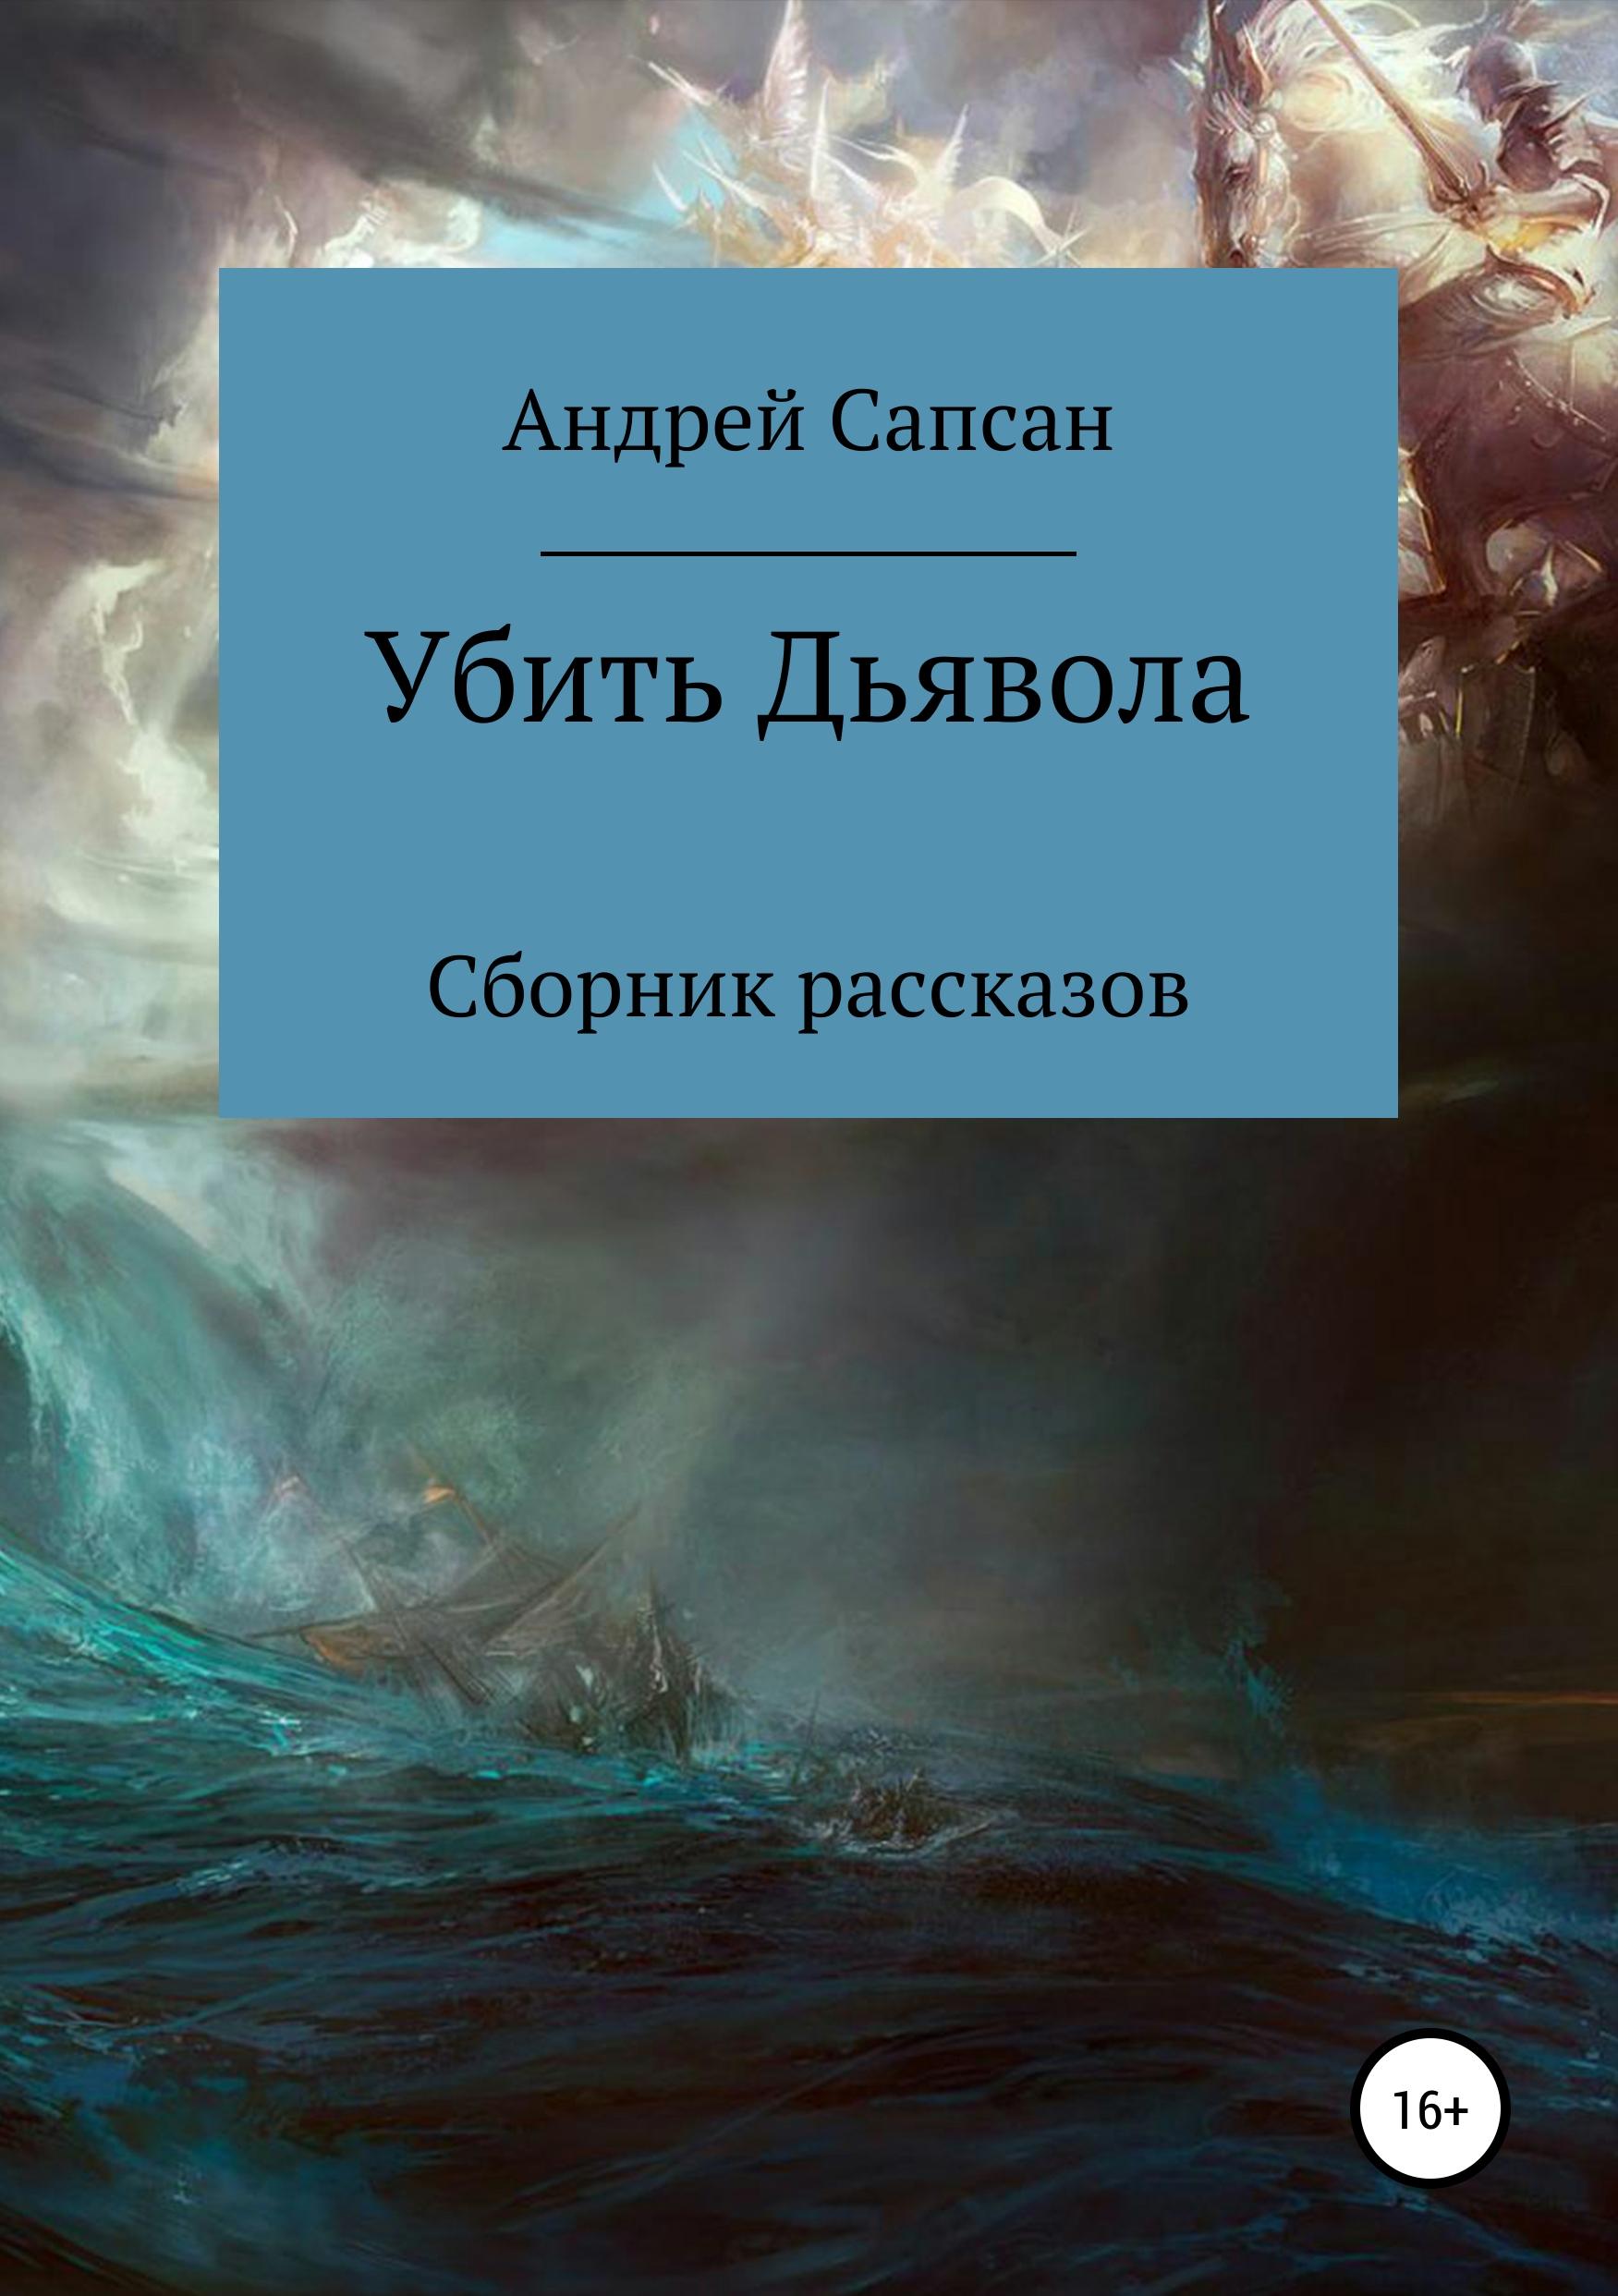 Андрей Сапсан Убить дьявола. Сборник встраиваемая вытяжка jetair sunny 60 2m br al